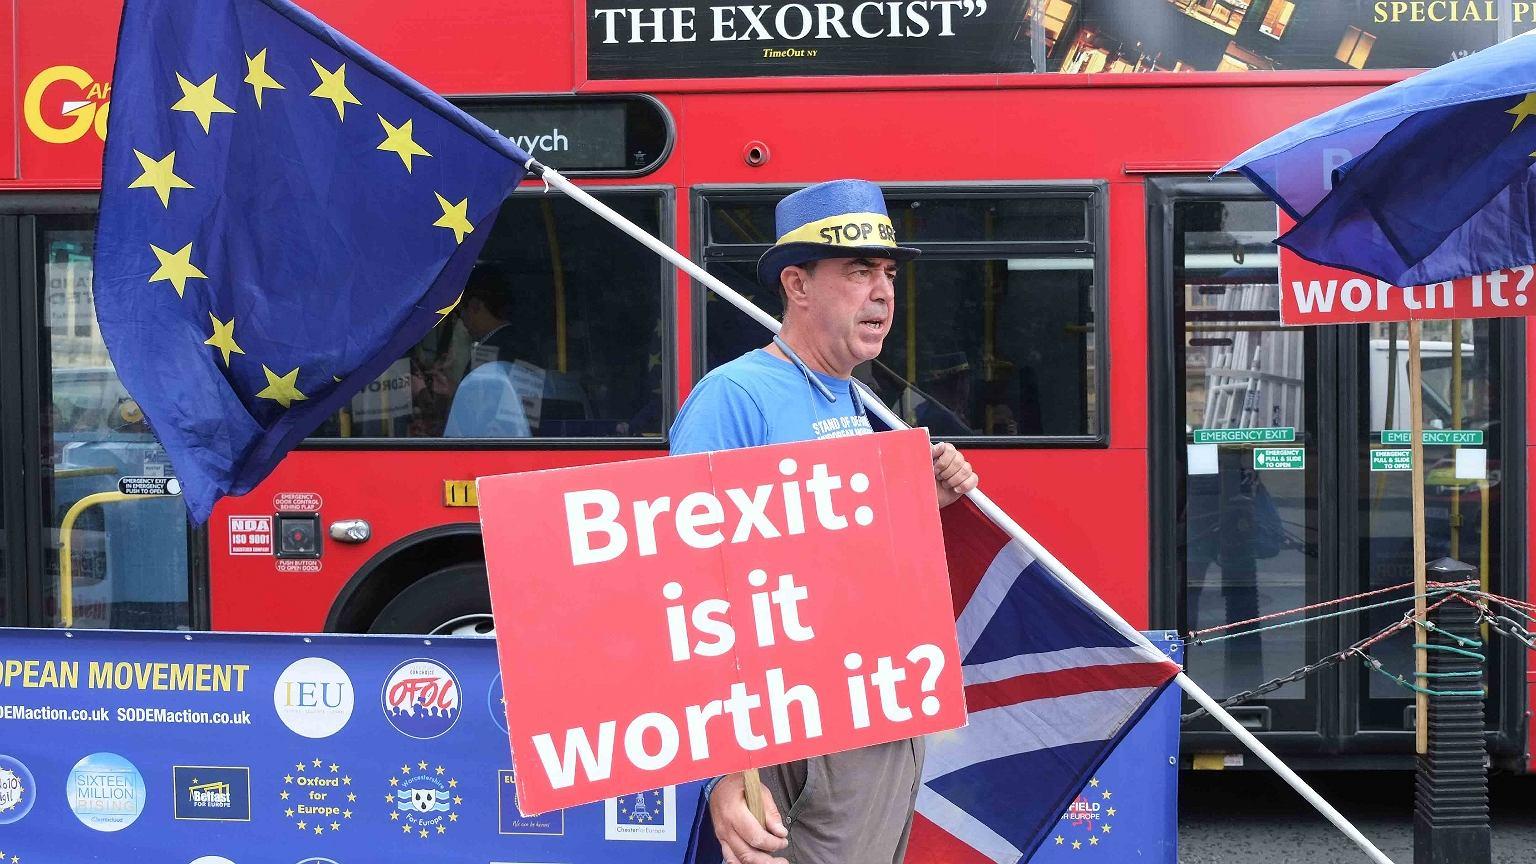 Wielka Brytania przestanie być członkiem UE w marcu 2019 r.